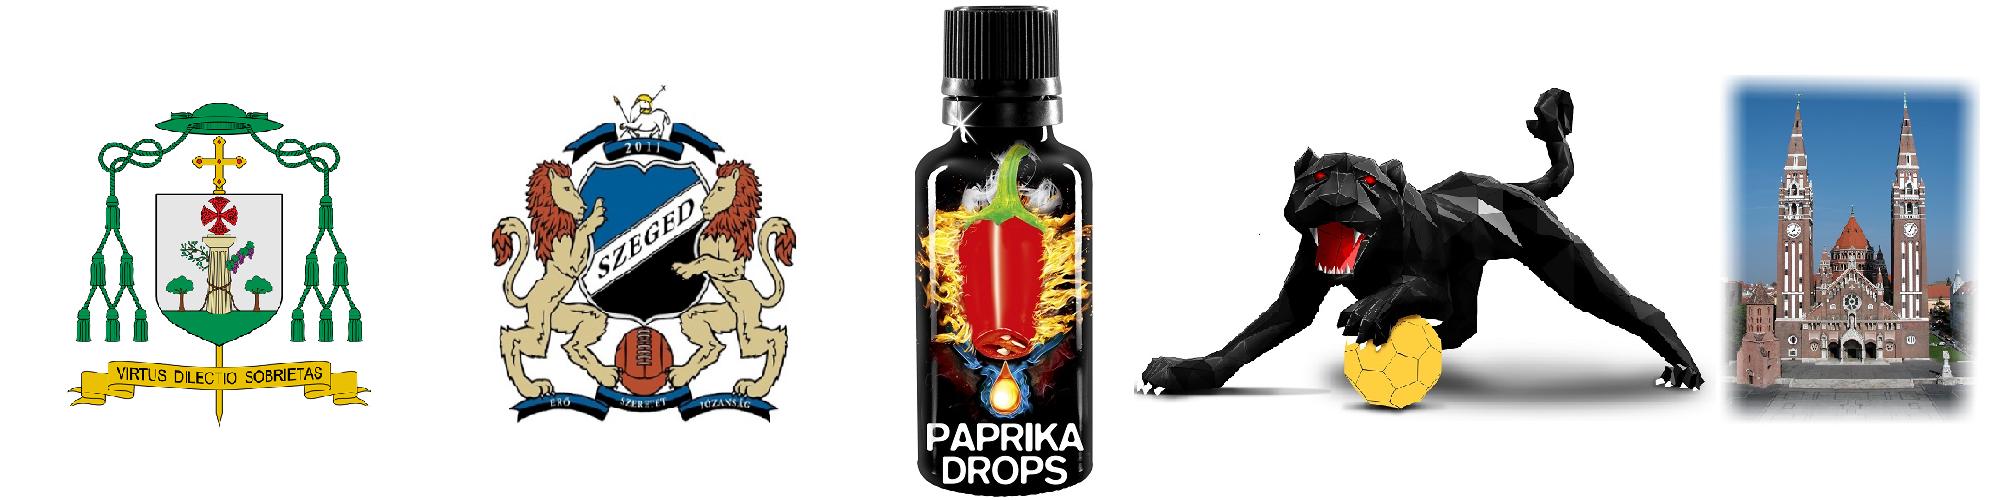 Paprika Drops